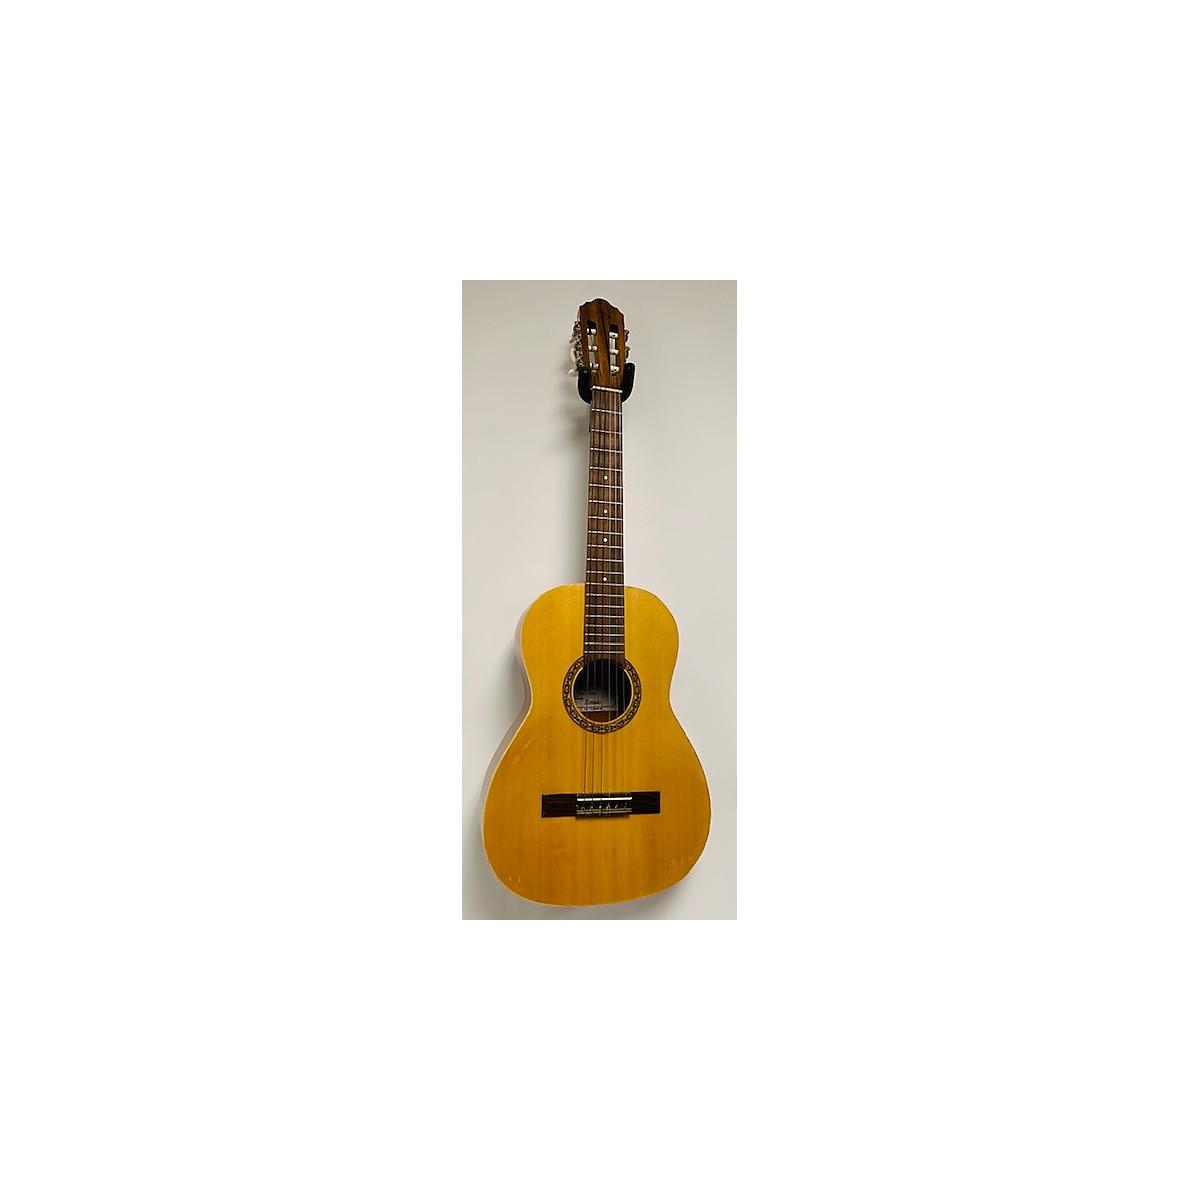 Giannini 1993 Serie Estudo Classical Acoustic Guitar